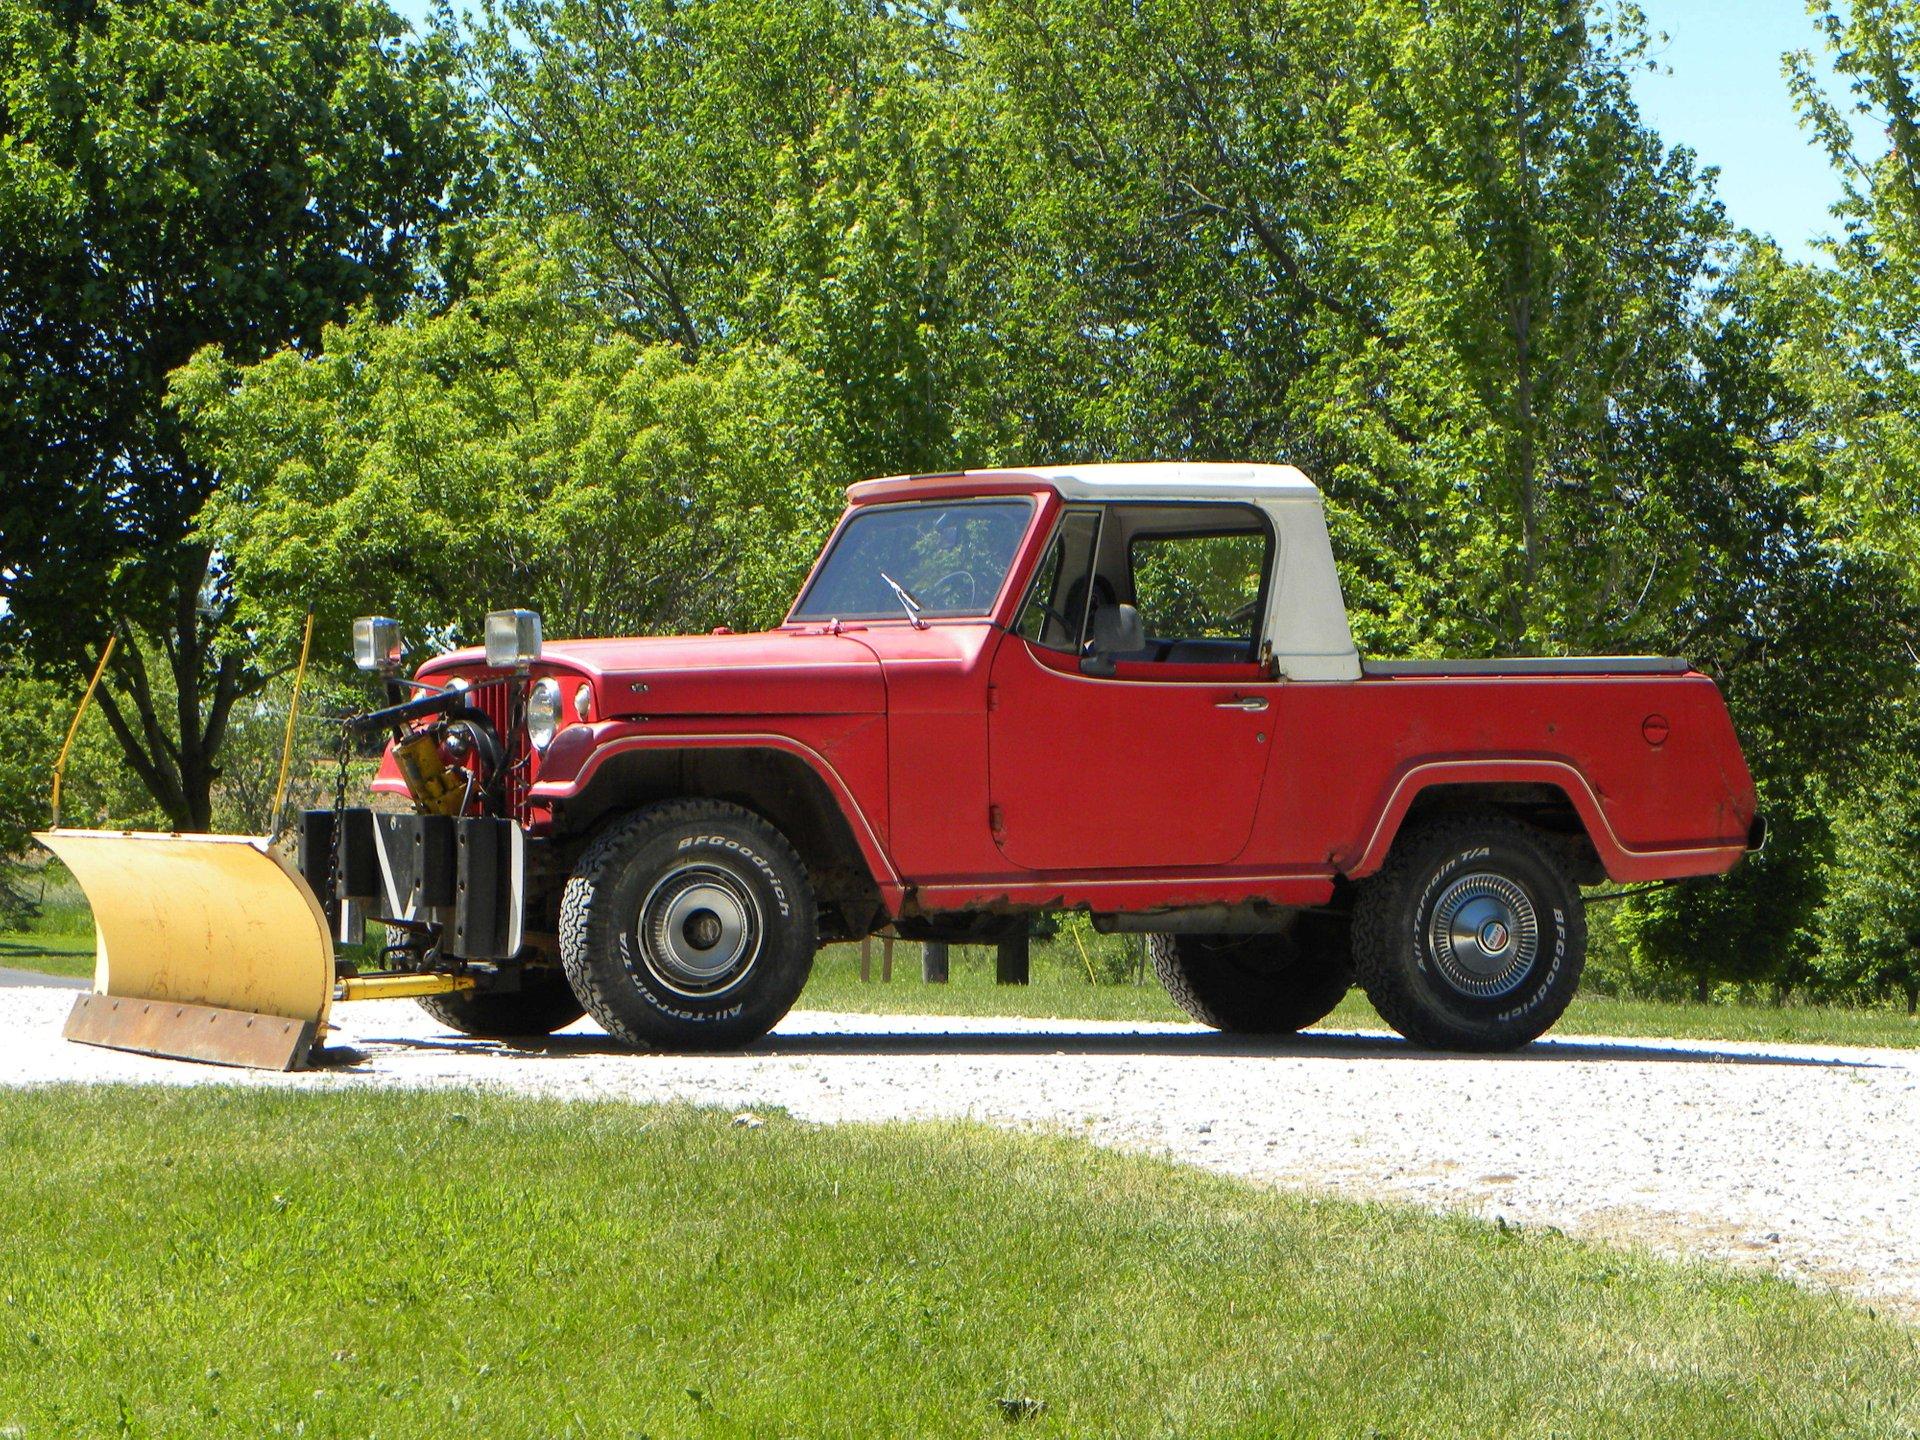 1967 willys jeep 4x4